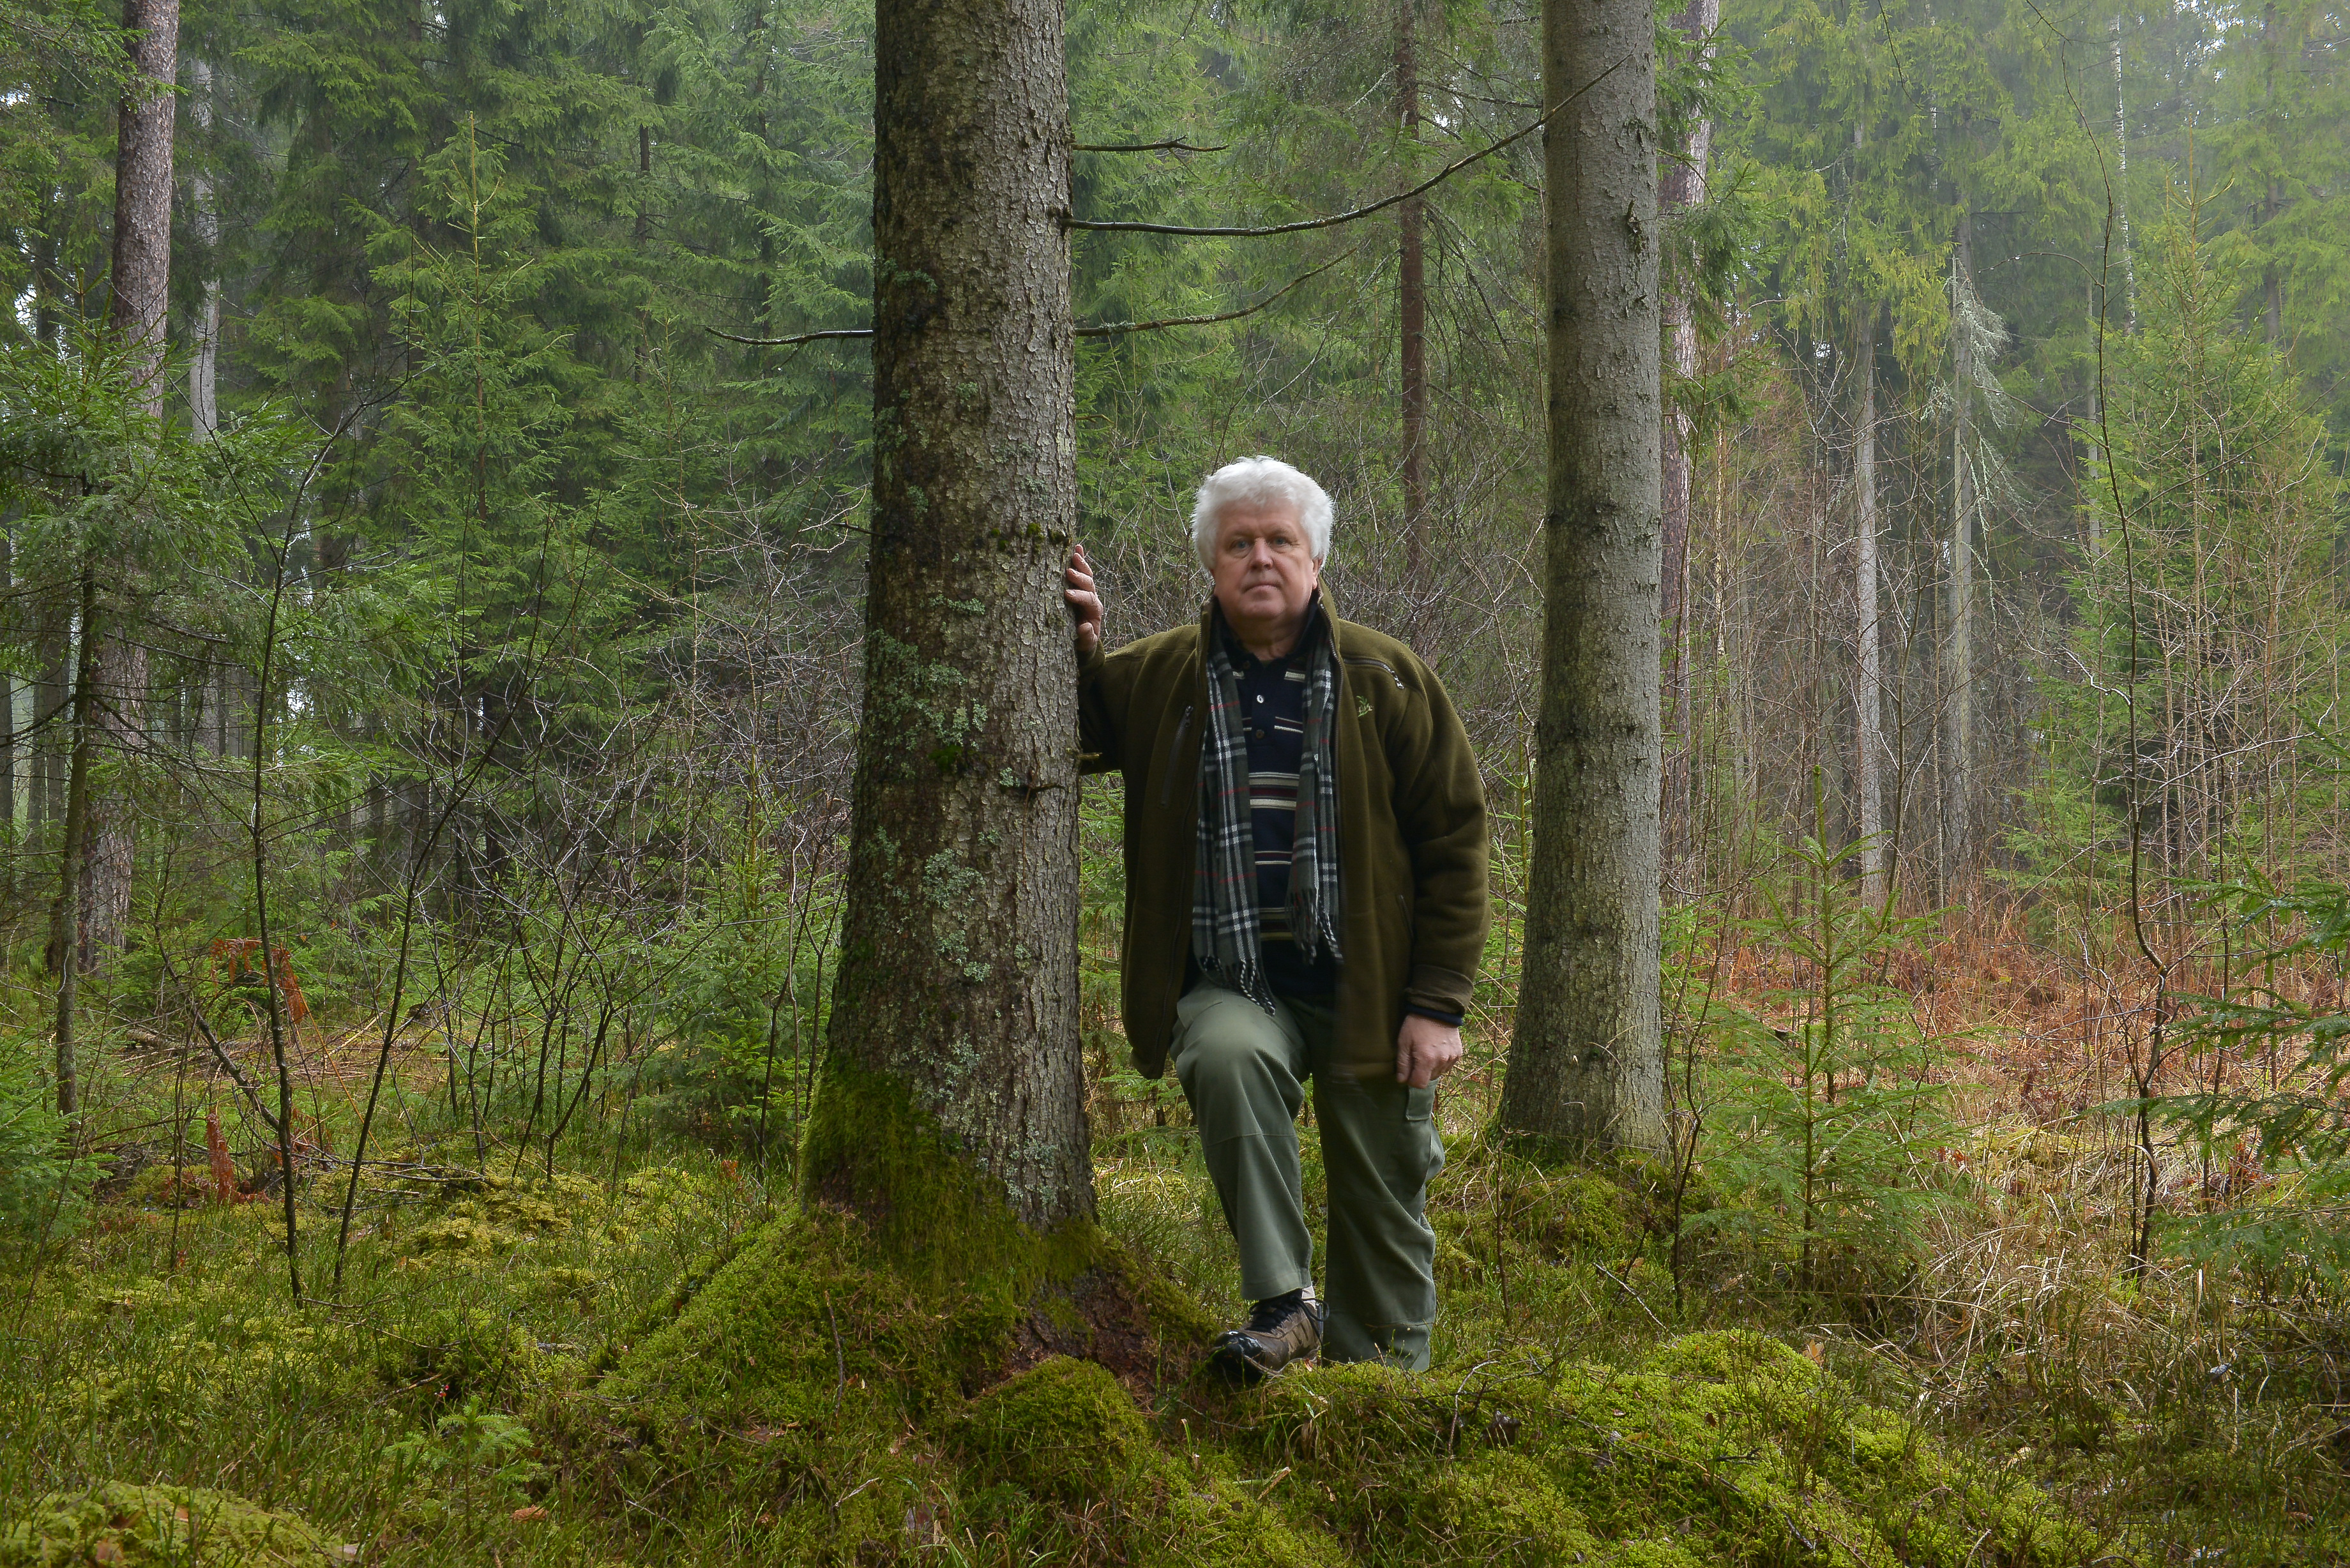 Gamtininkas, fotografas ir aplinkosaugininkas Selemonas Paltanavičius.